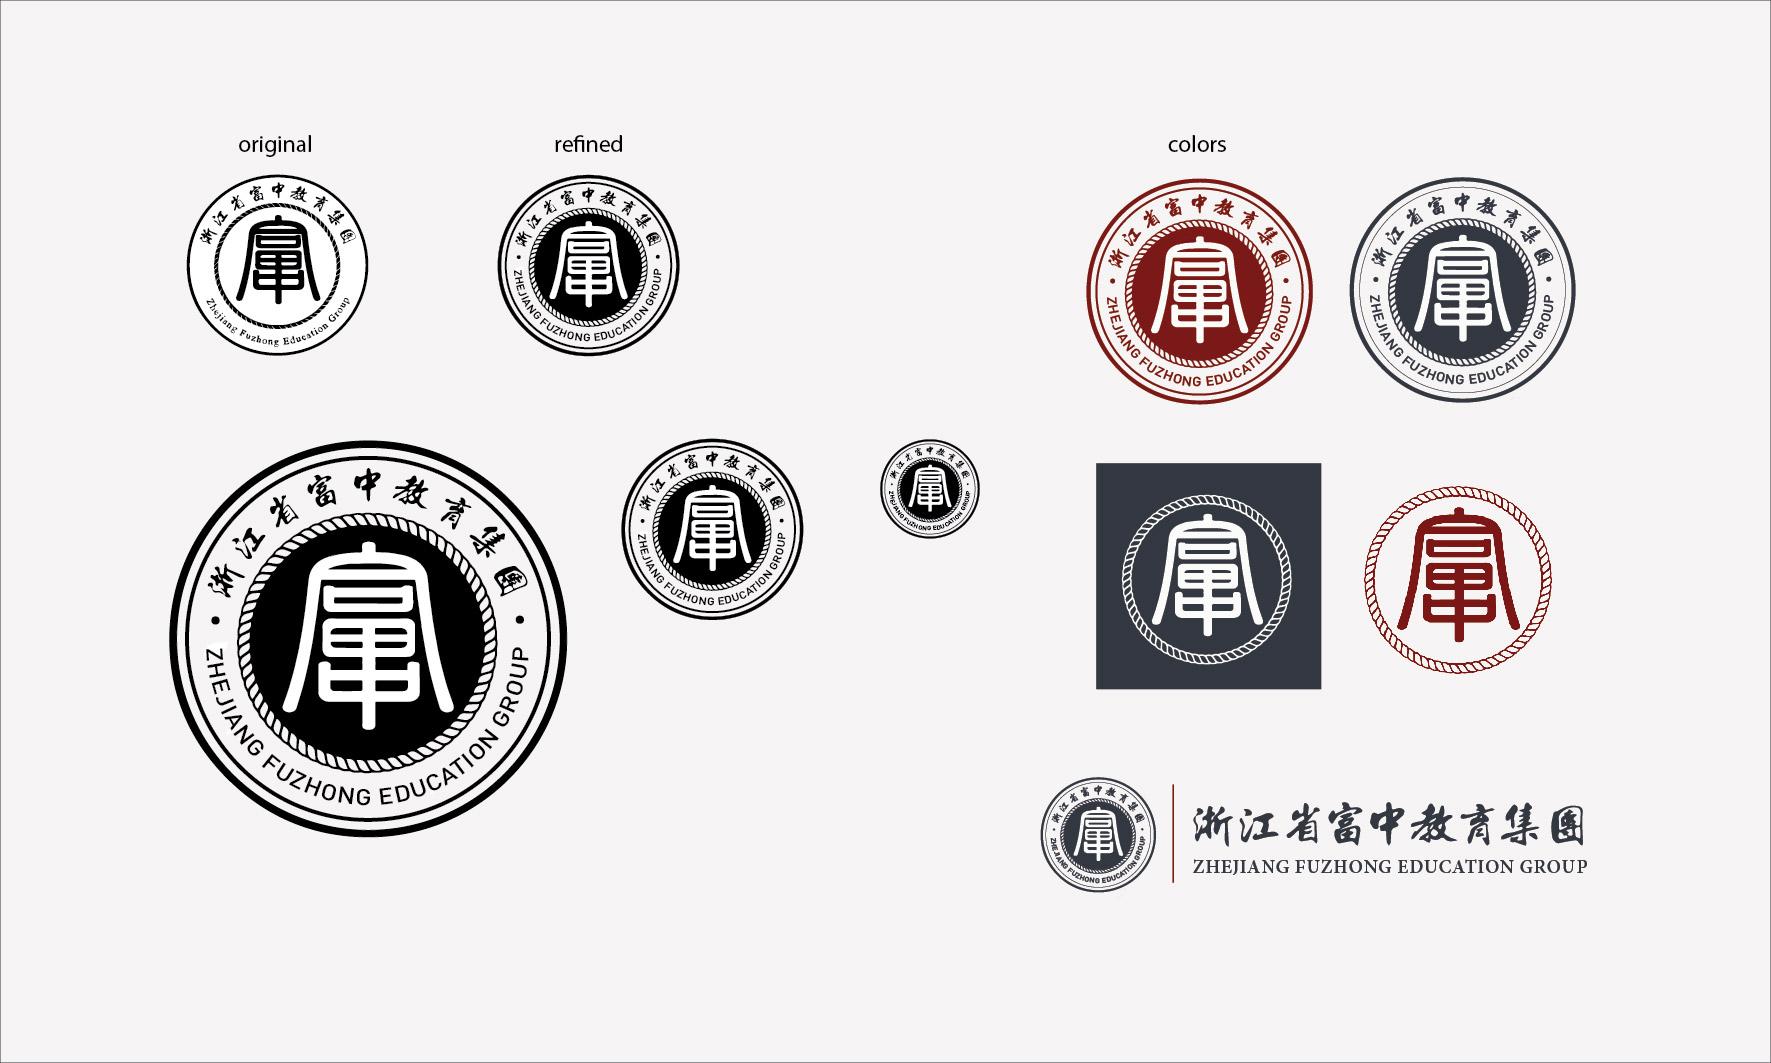 fuzhong logo refined final new-01.jpg